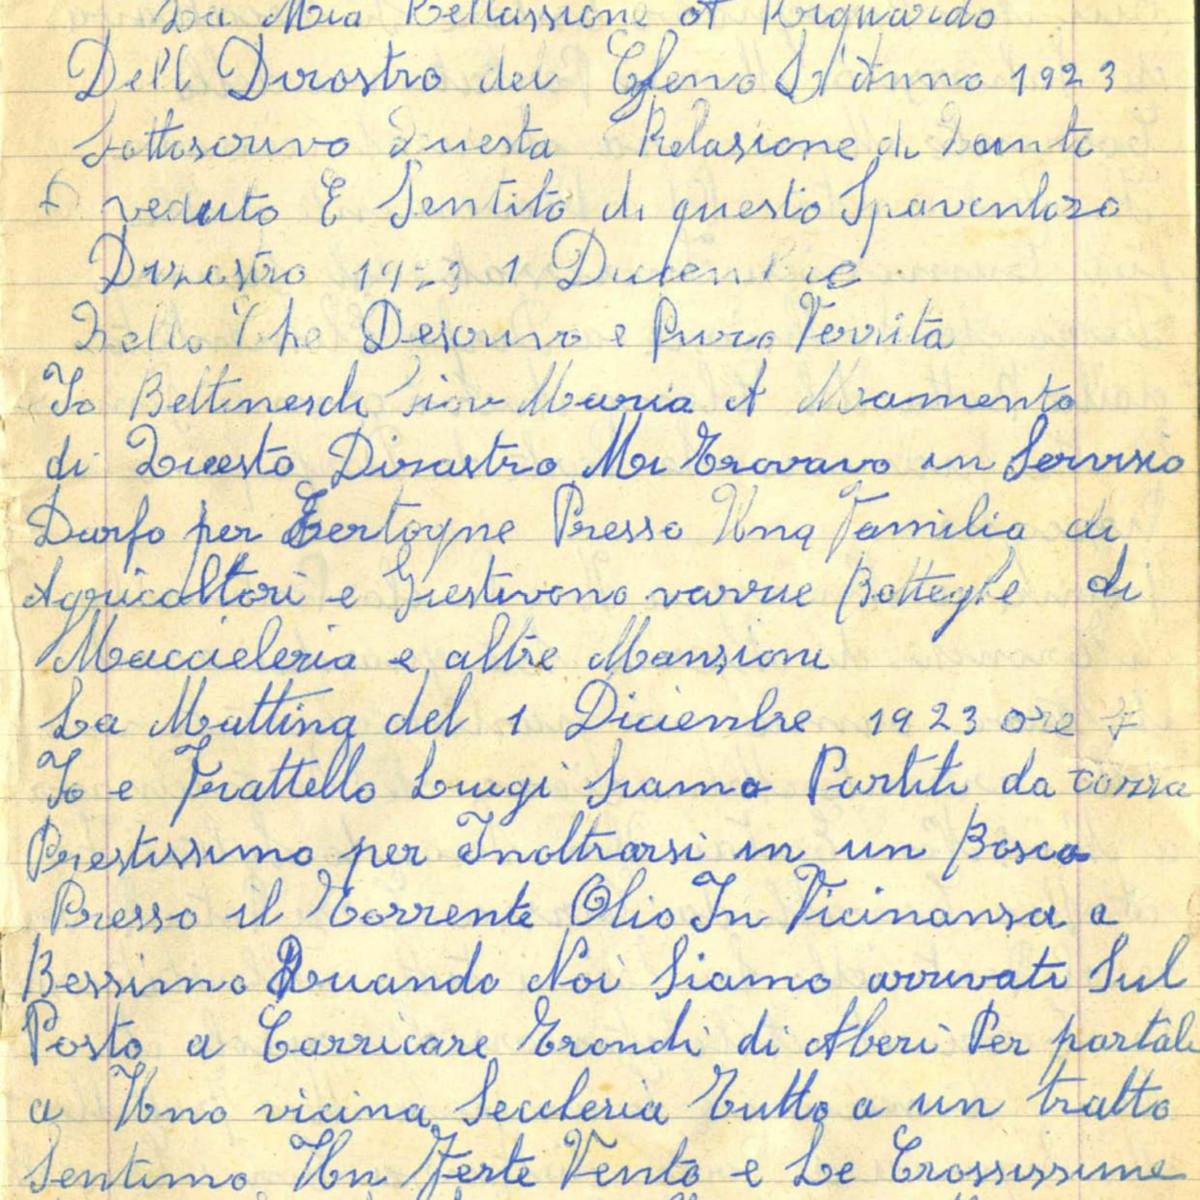 Lettera di Bettineschi Giovanmaria di Tomaso_01